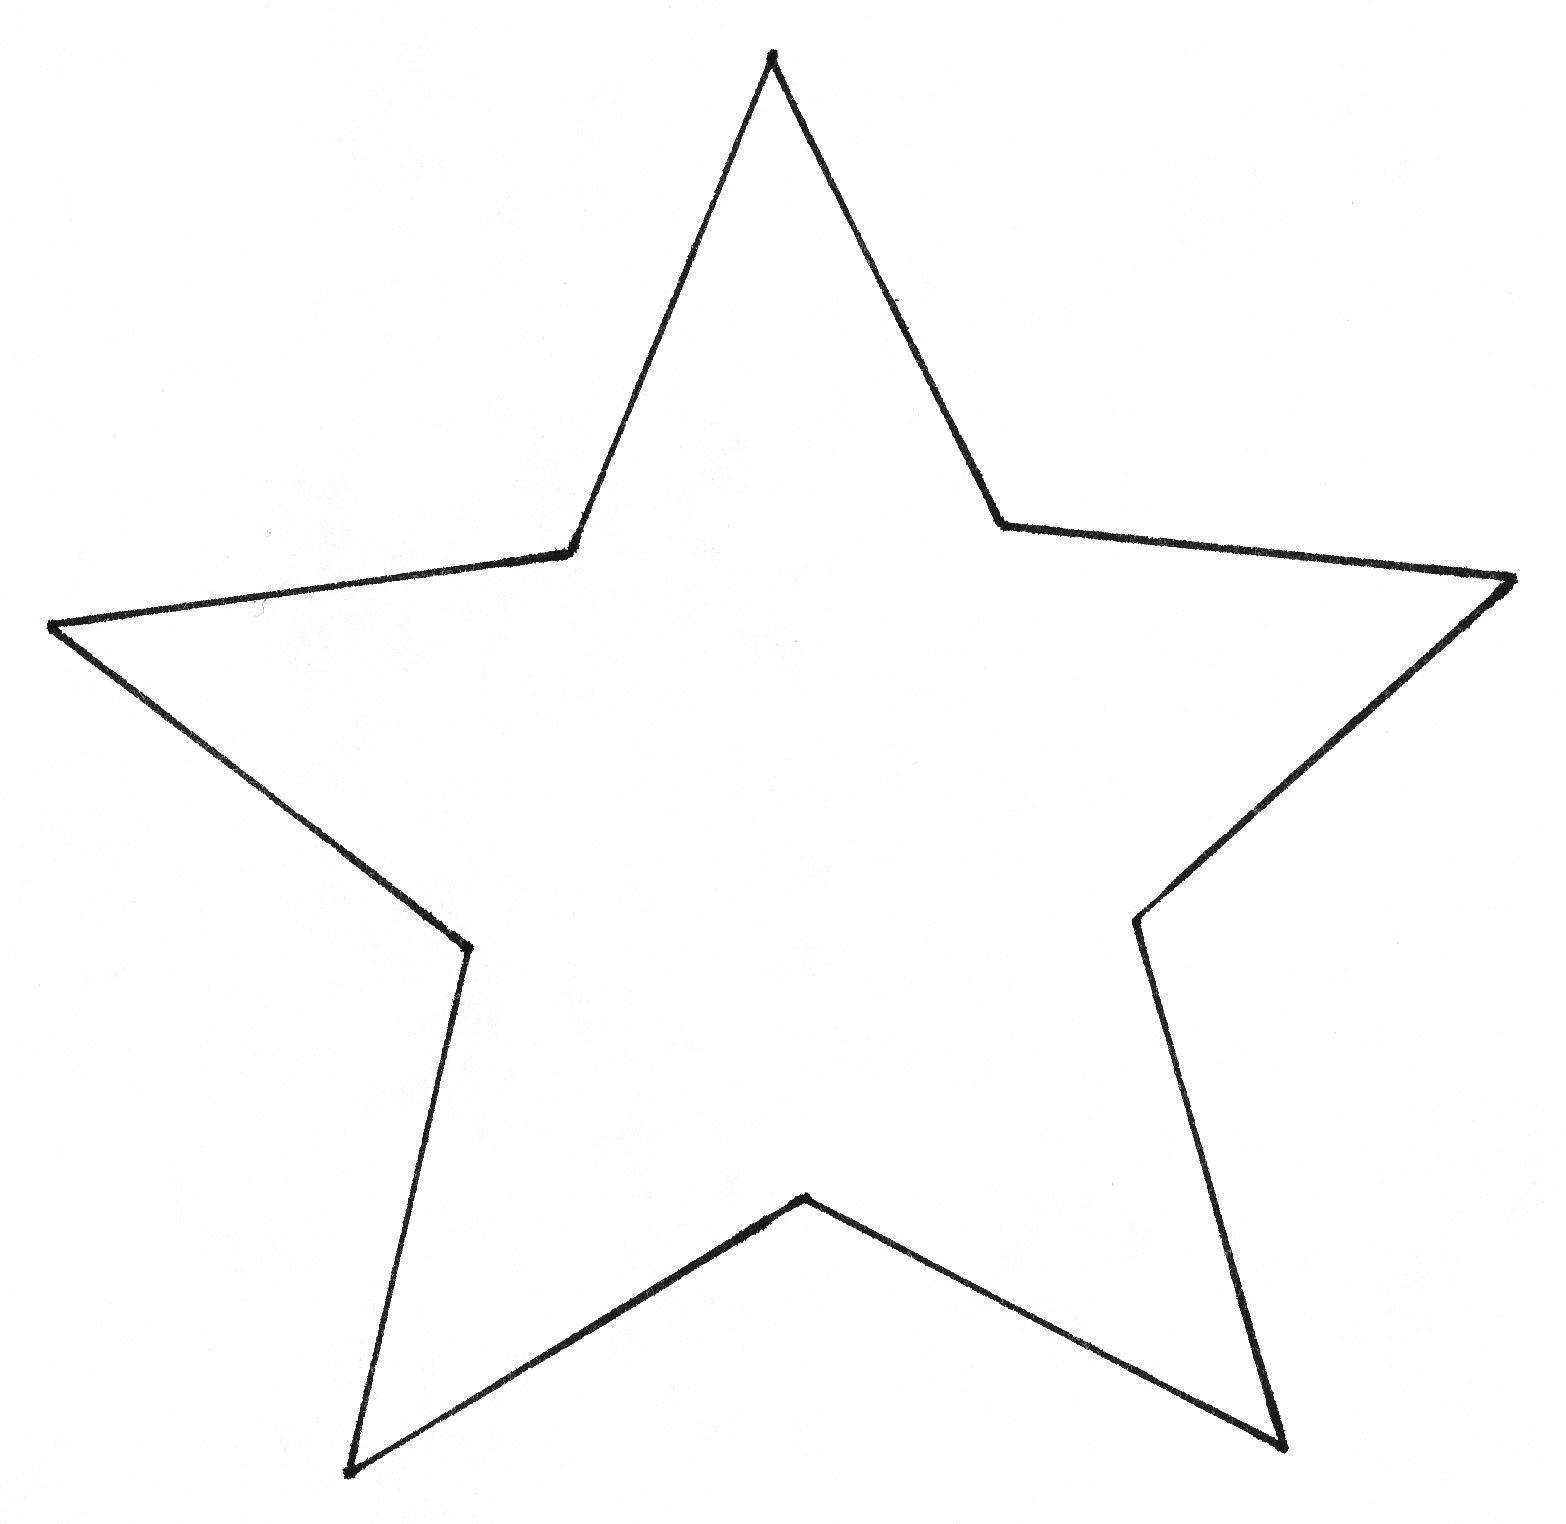 Neu Sterne Basteln Mit Kindern Vorlagen #Färbung #Malvorlagen #MalvorlagenfürKinder #christbaumschmuckbastelnkinder